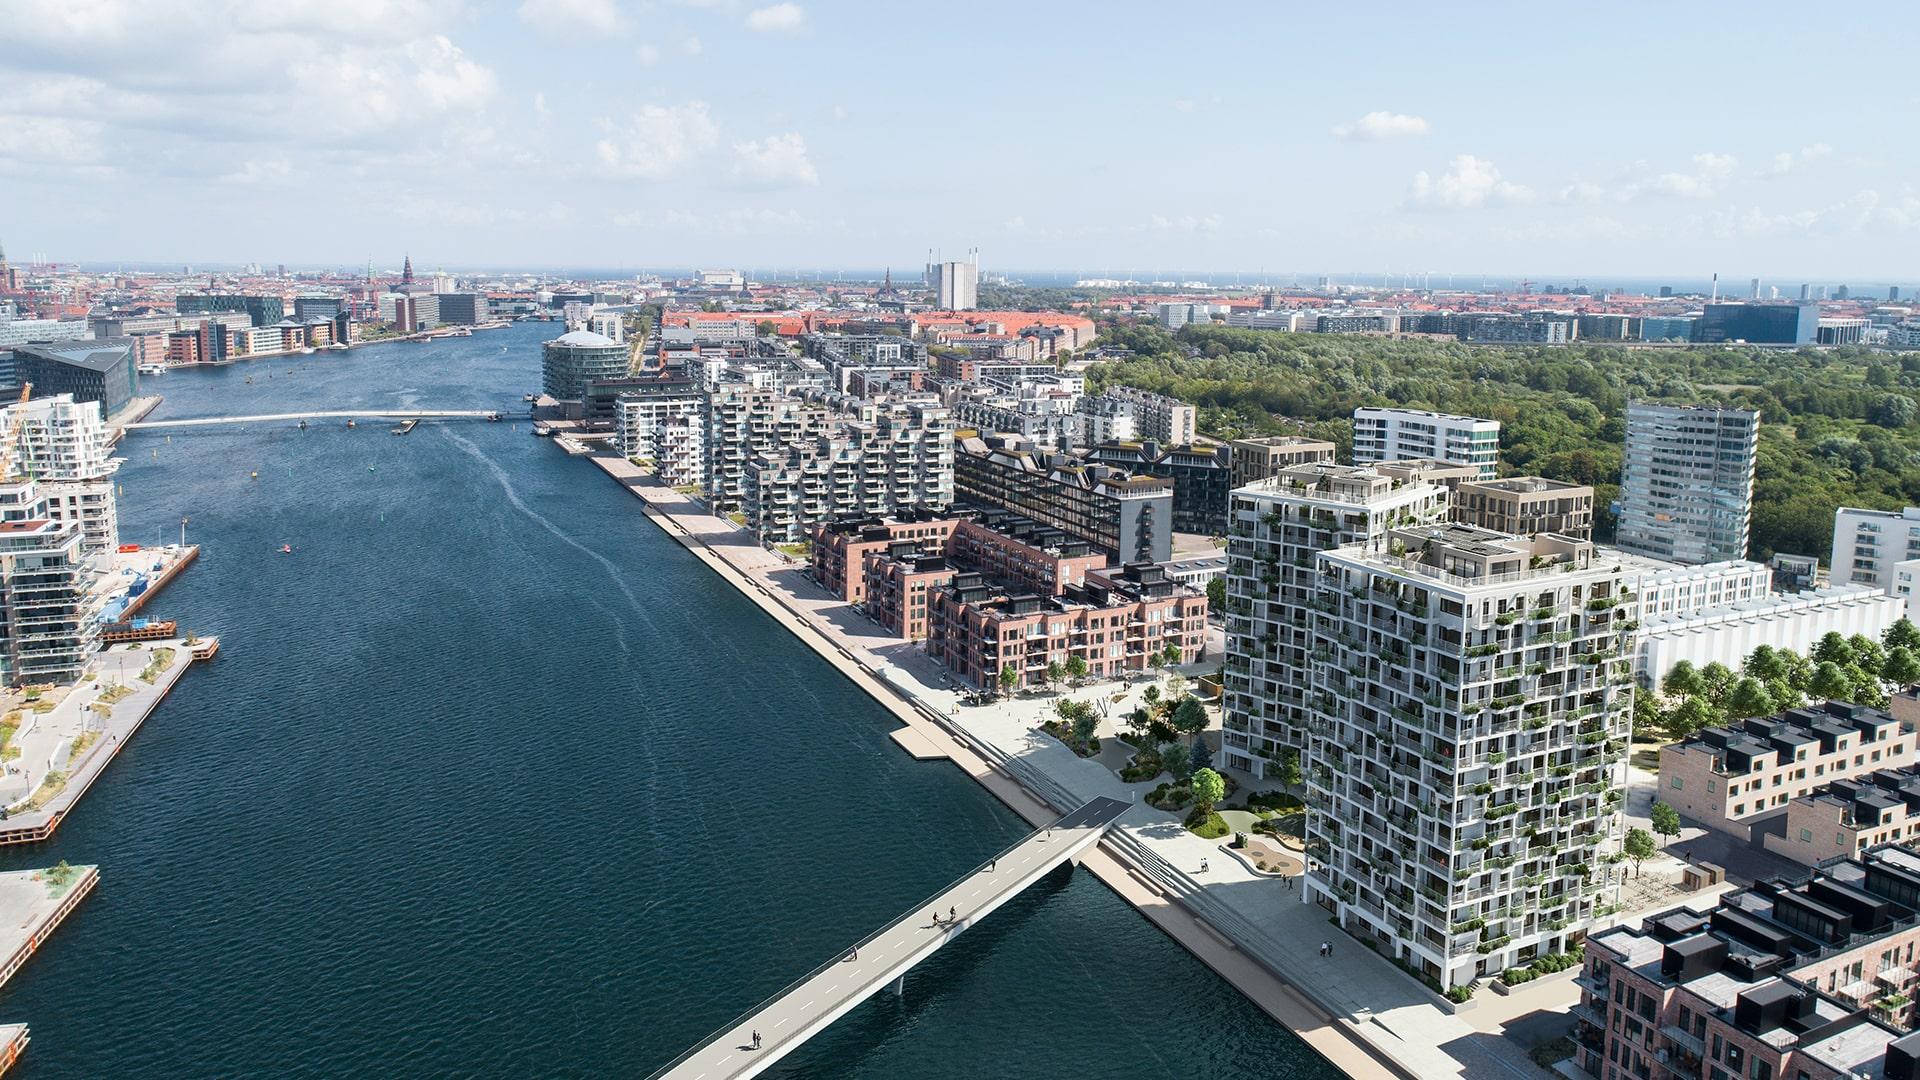 Bebyggelse øst for HavneBryggen Sirius er under projektering, og der tages forbehold for ændringer.